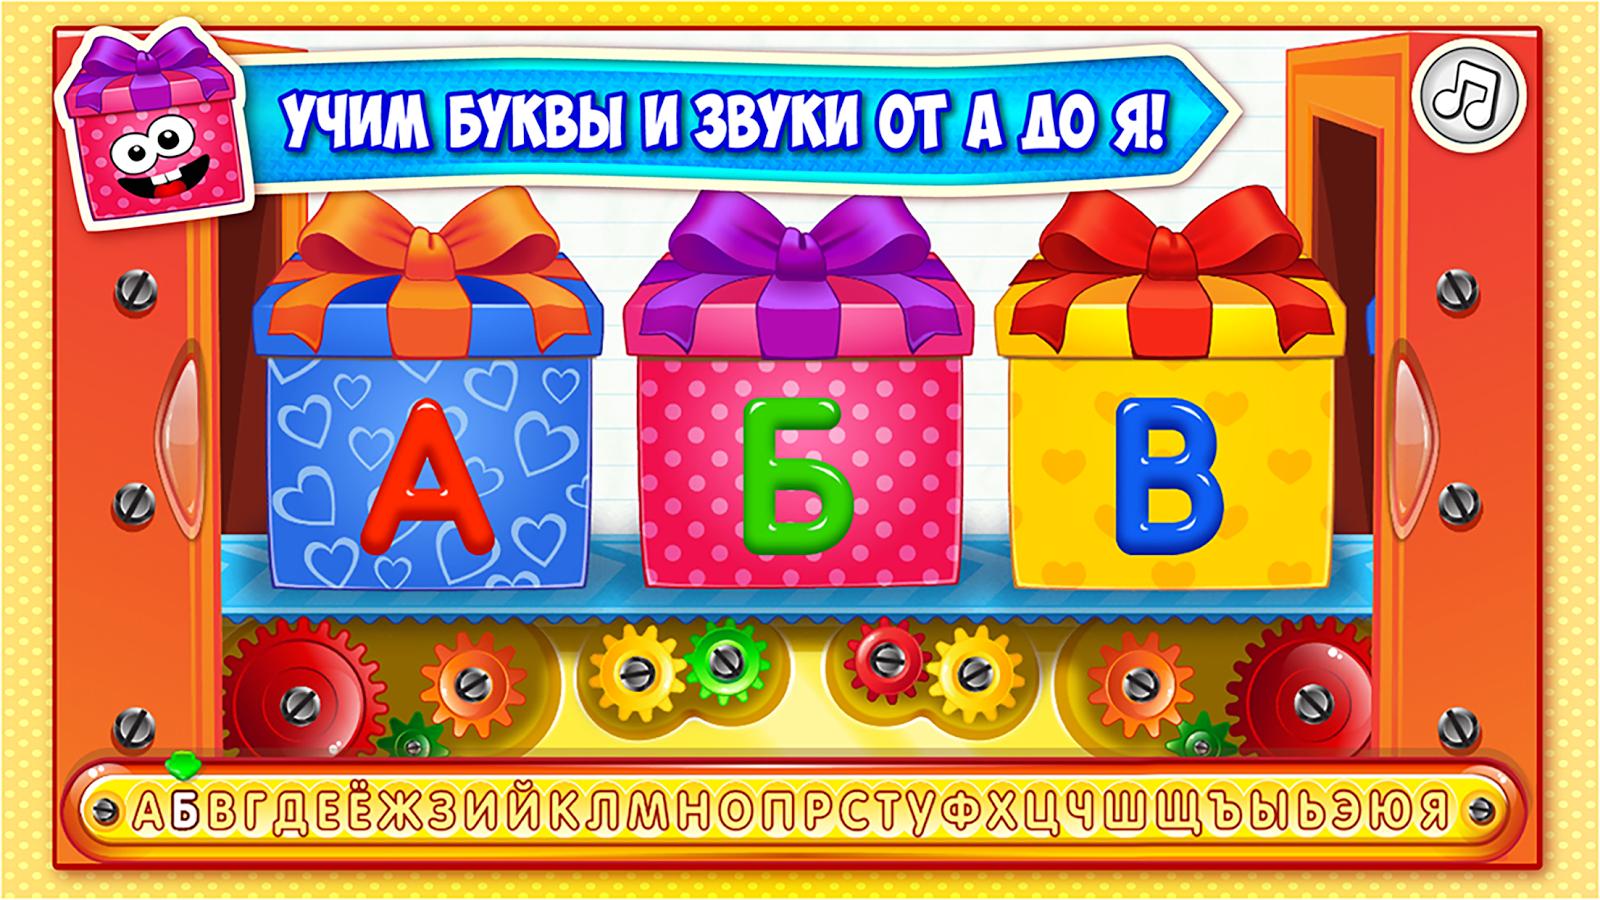 Азбука-алфавит для детей на андроид скачать …